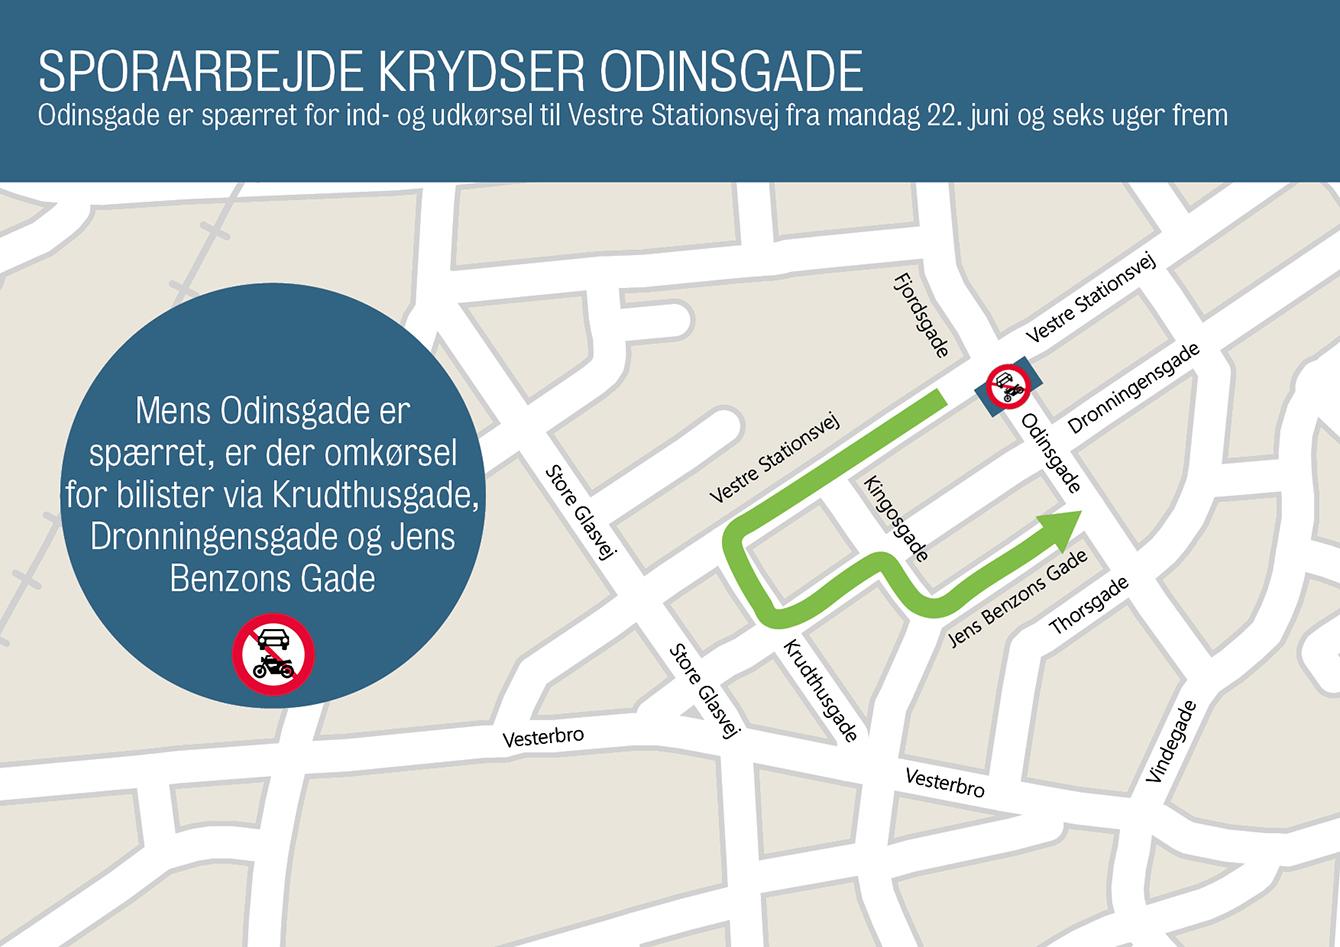 Odinsgade spærres for ind- og udkørsel til Vestre Stationsvej